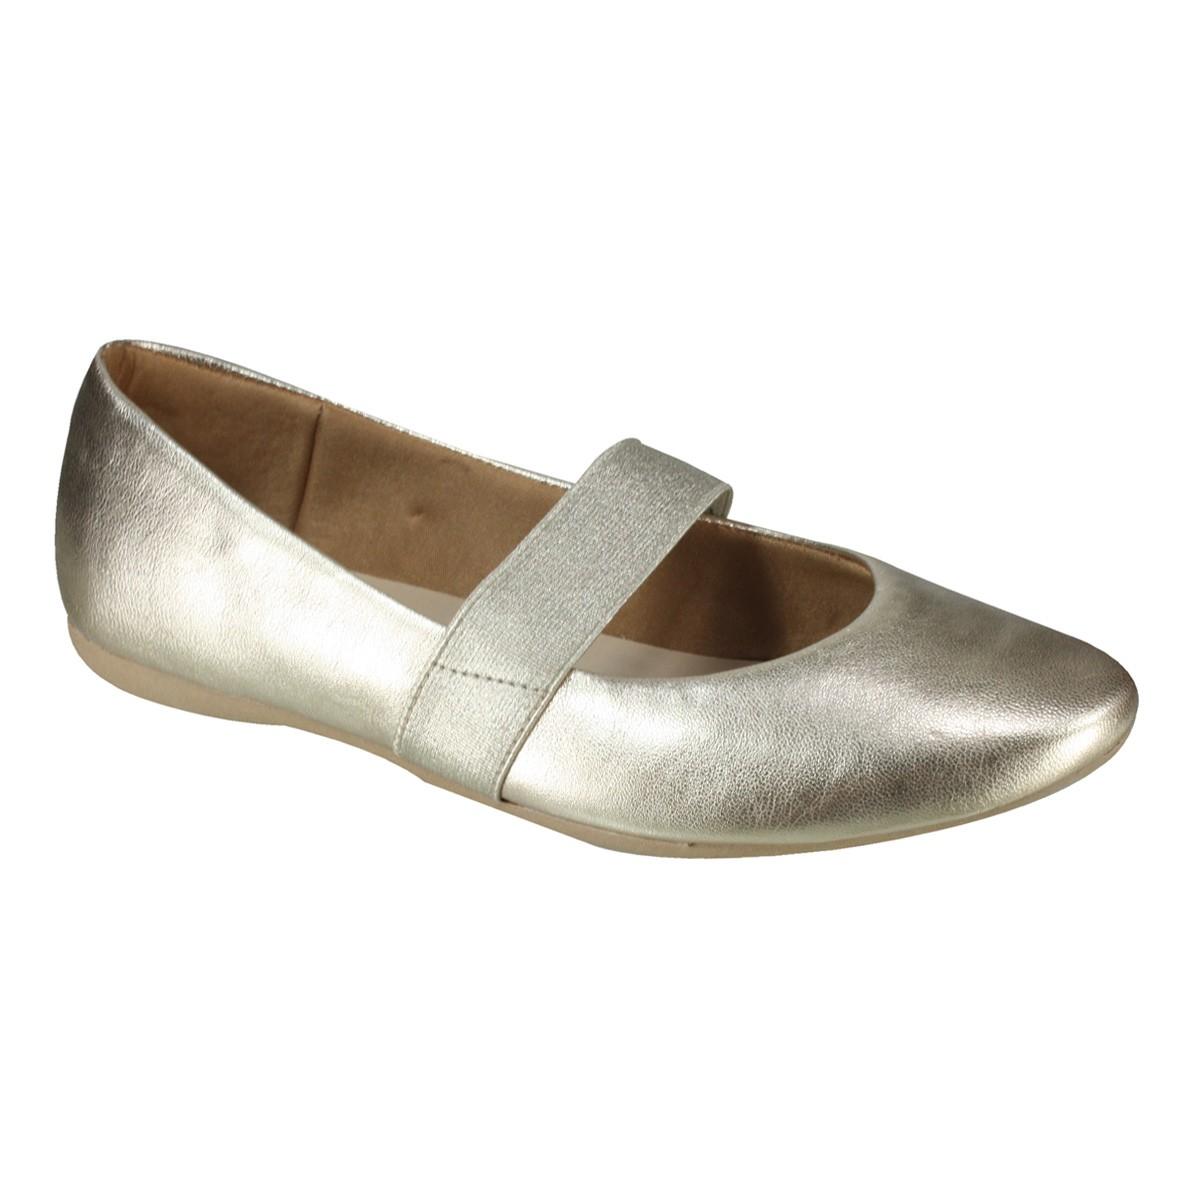 ae3d33ac7 Sapato Boneca Usaflex T7503/50 - Dourado (Mestiço) - Calçados Online ...